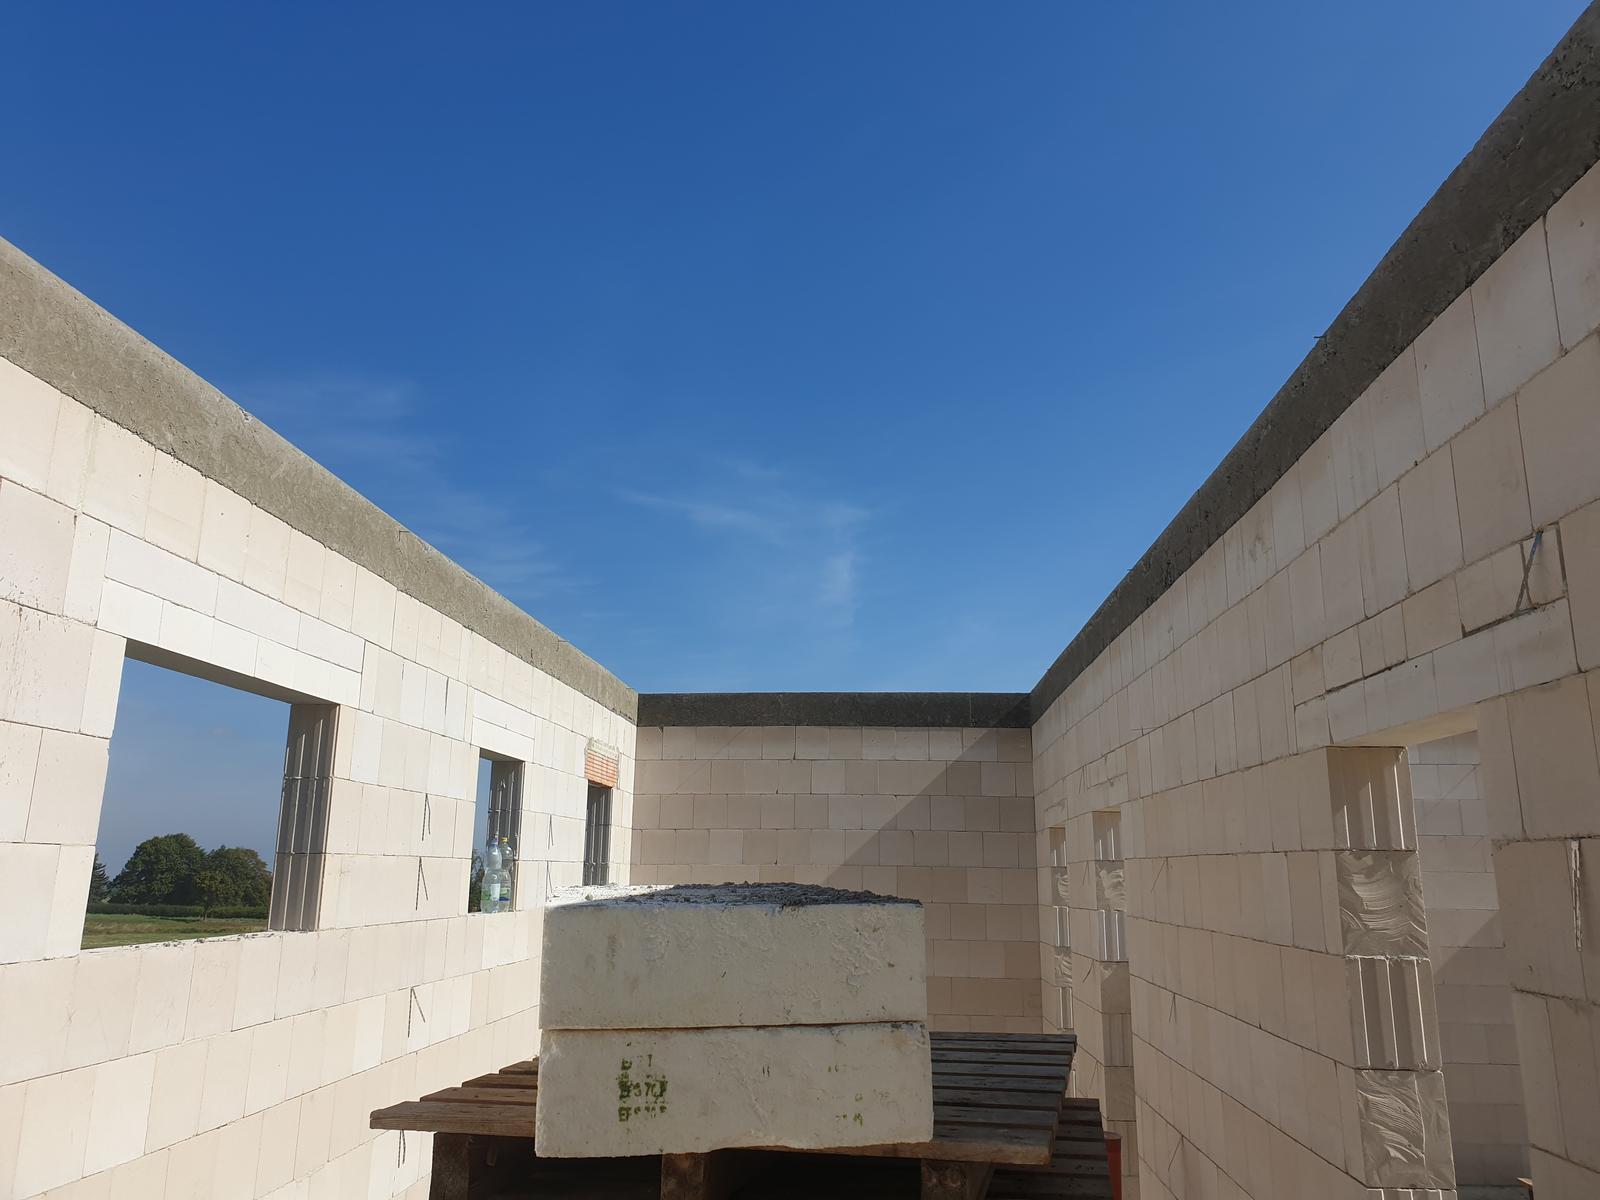 Bungalov s plochou střechou - Obrázek č. 100